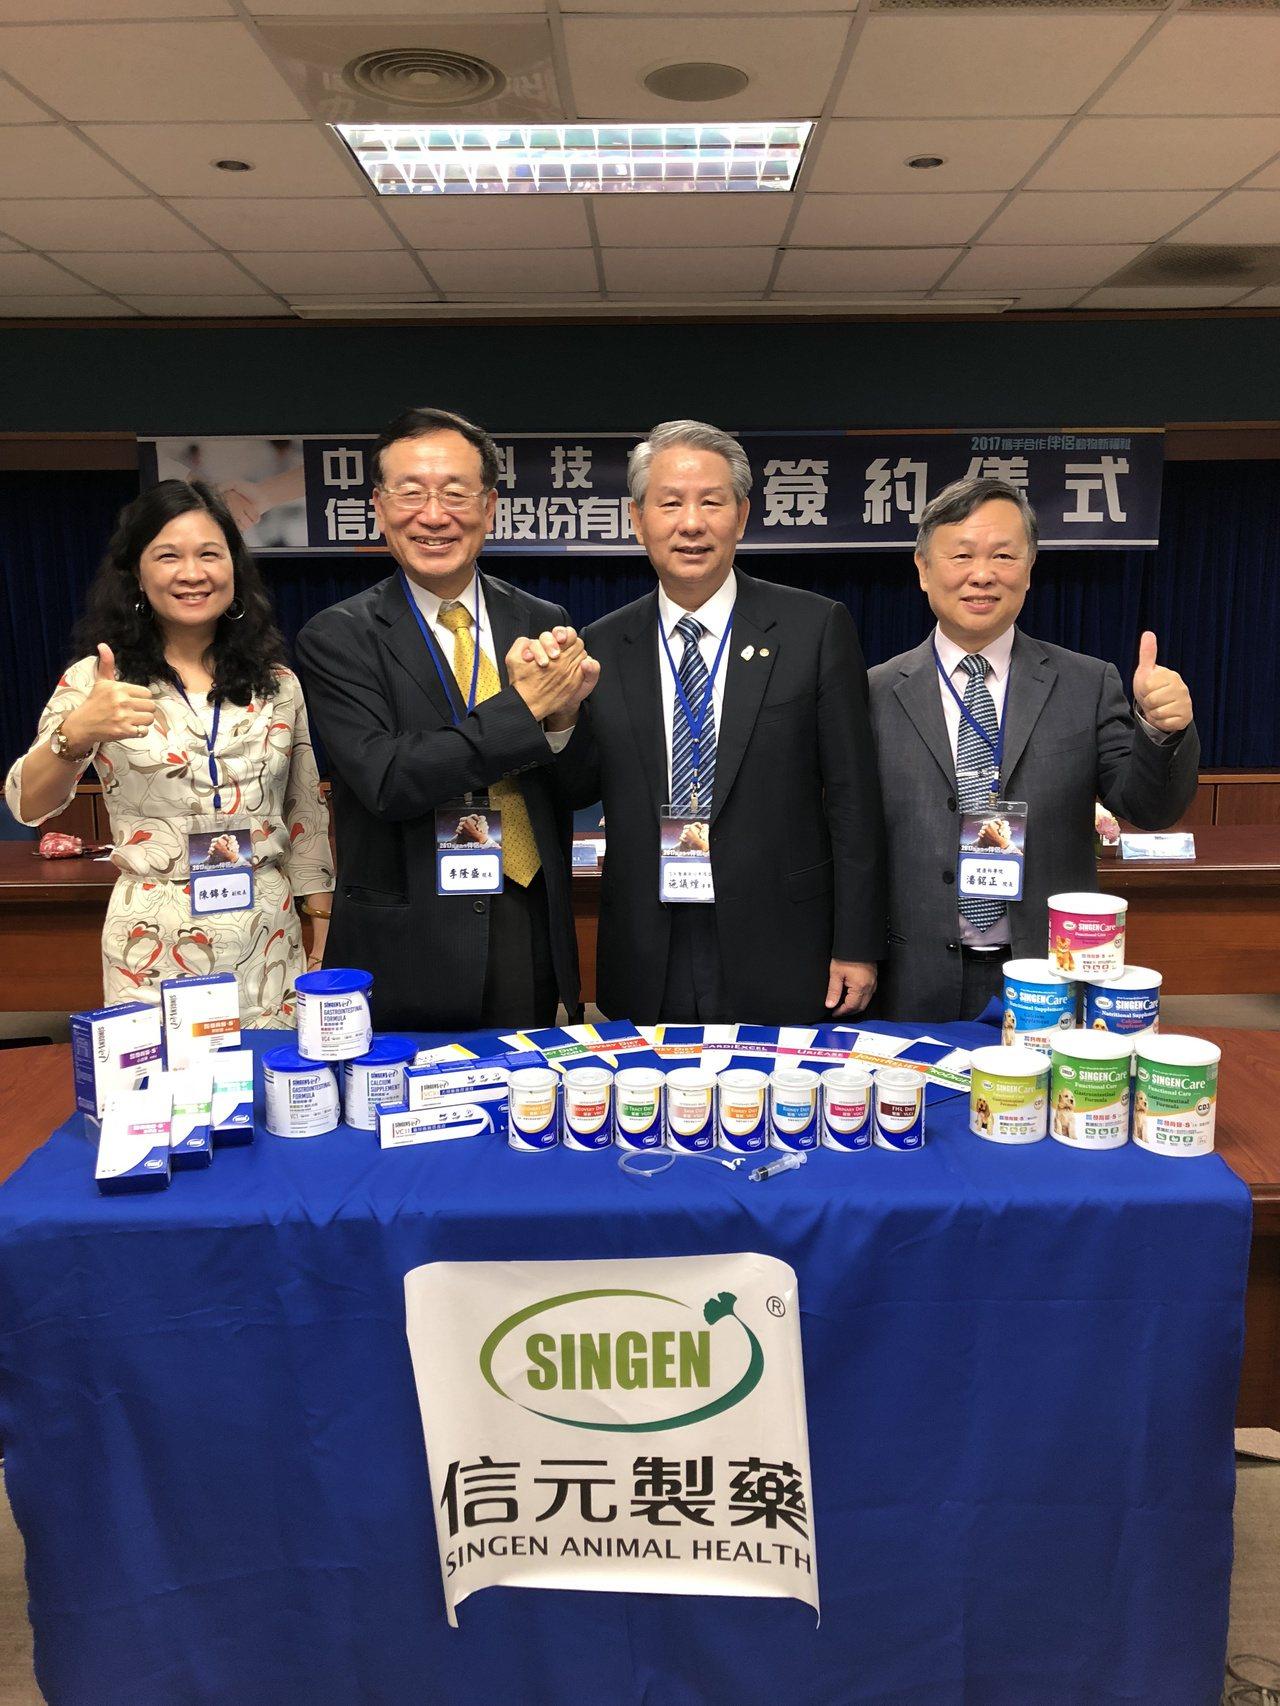 中台科大校長李隆盛(左二)與信元製藥董事長施議煙(右二)簽約結盟,將共同研發寵物...